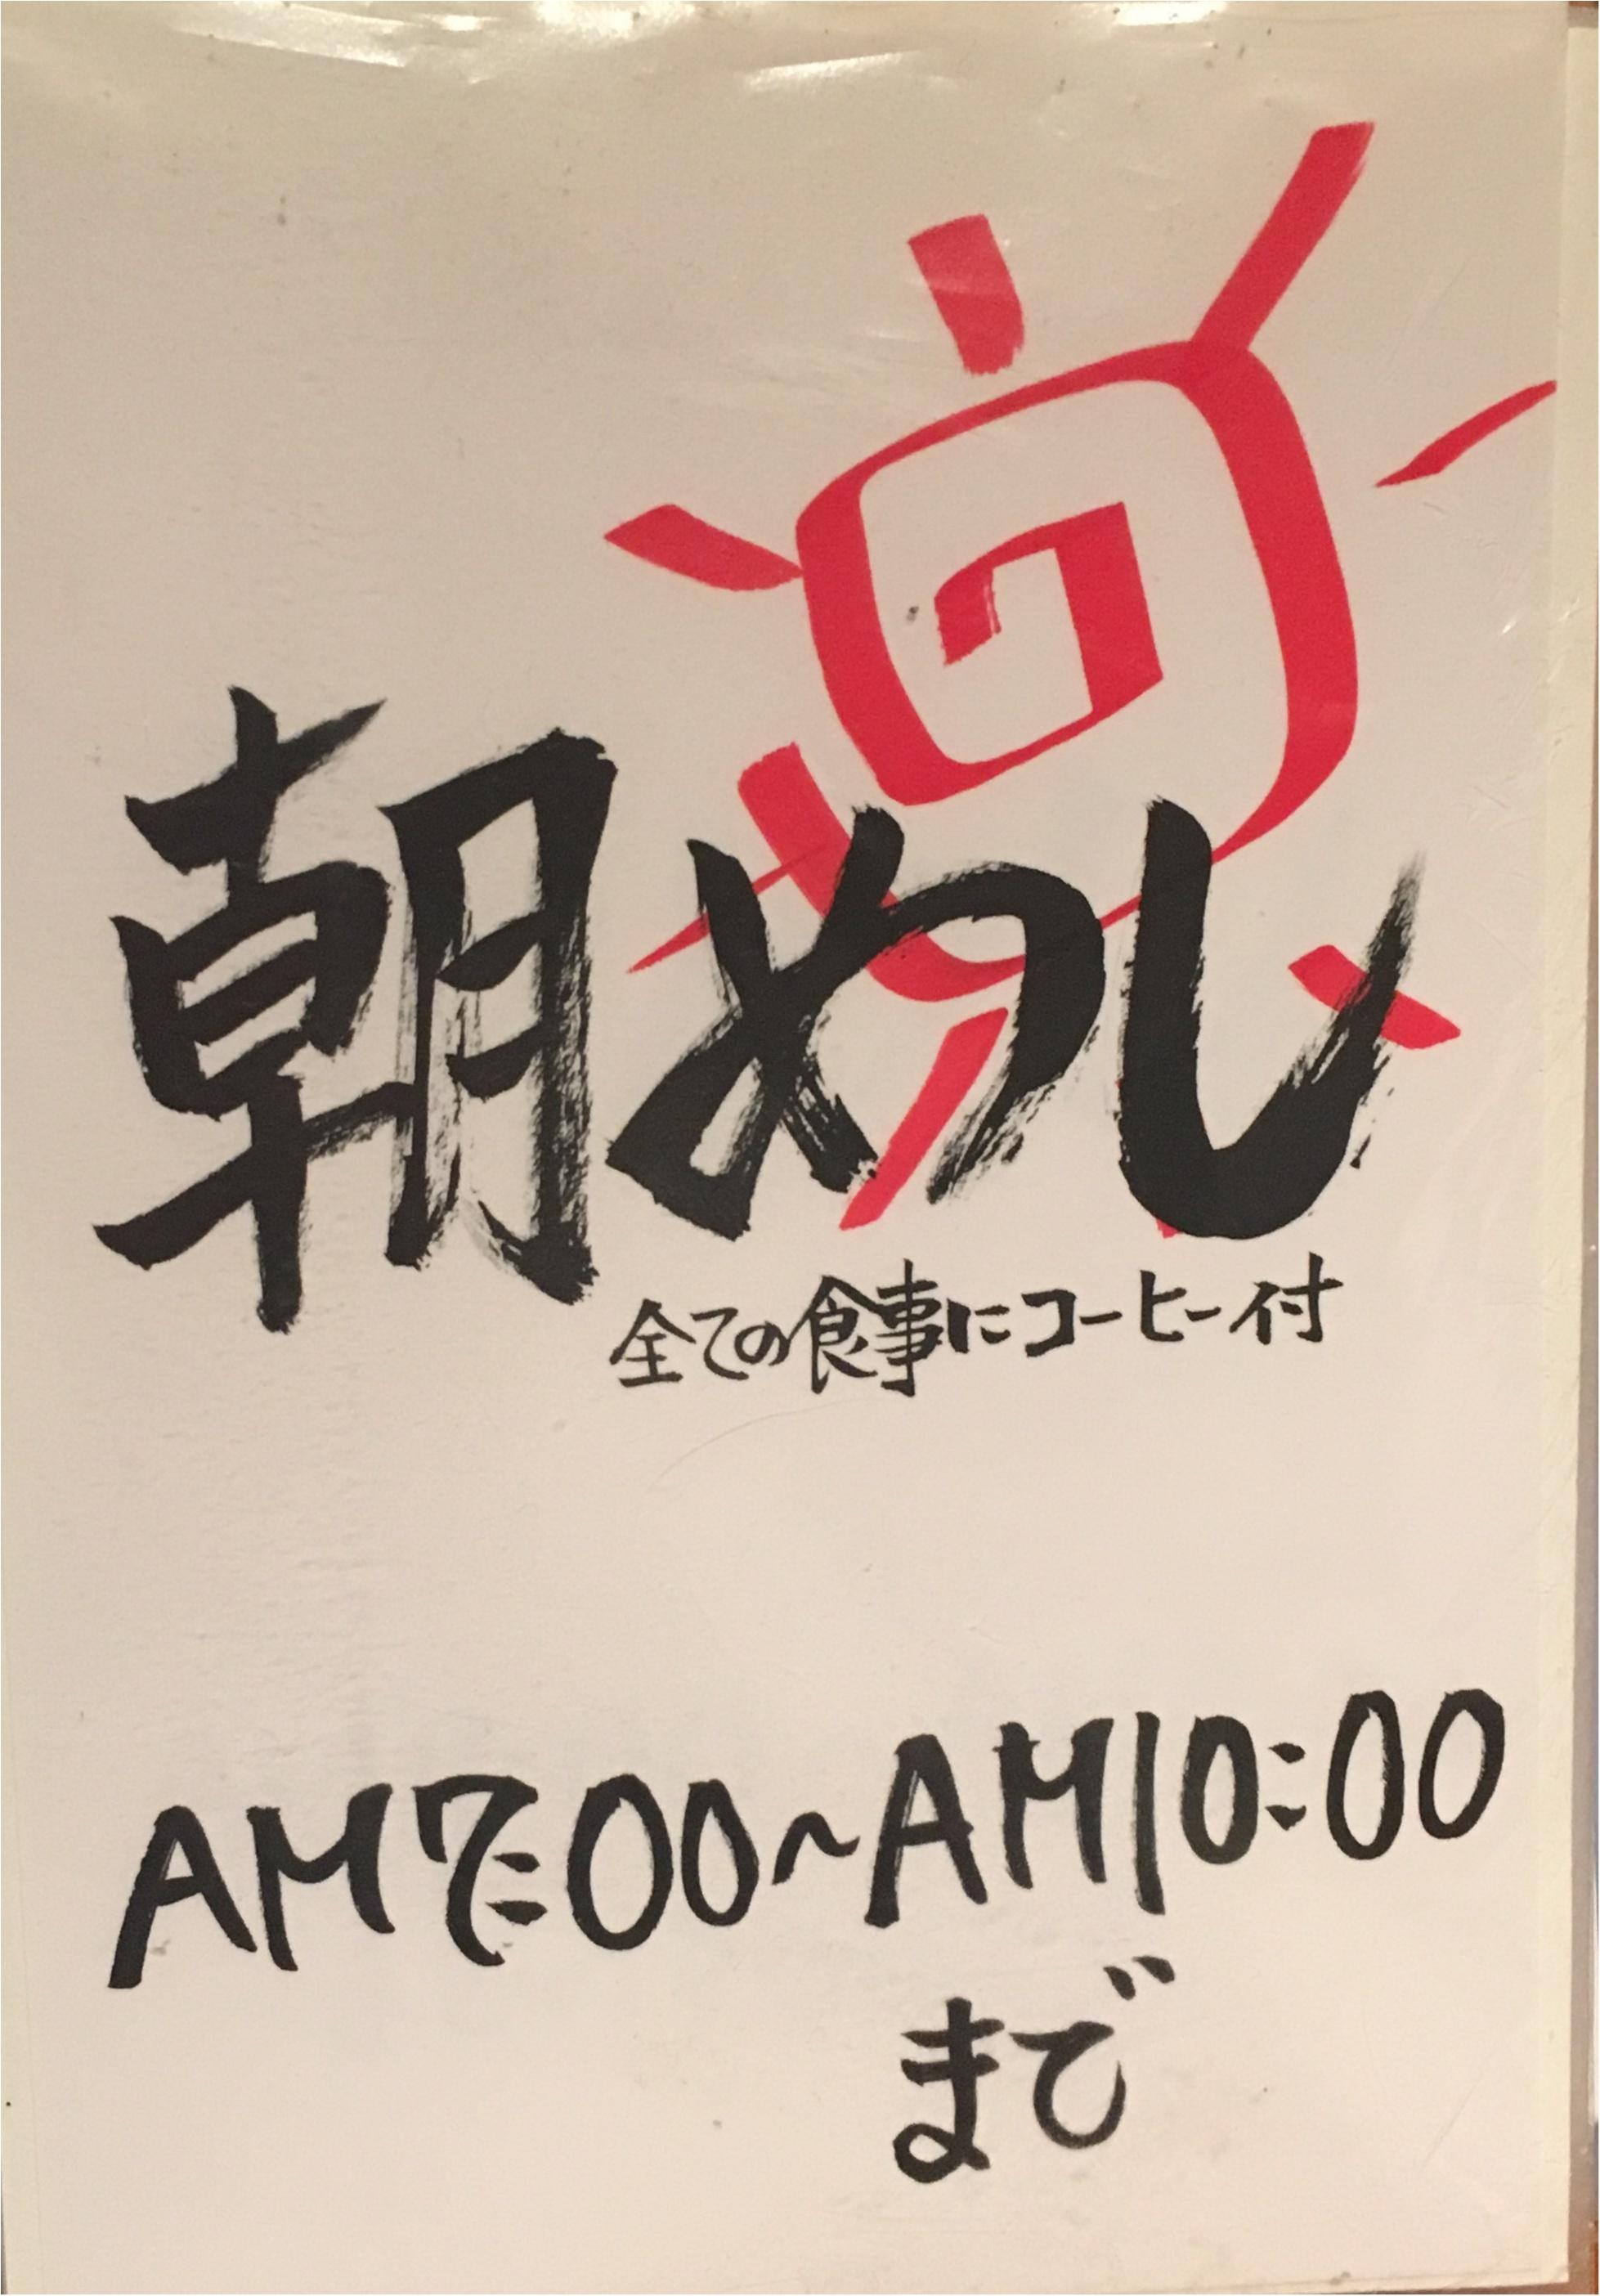 【名古屋メシ】また行きたい!名古屋で出会ったサイコーな朝めし♡_4